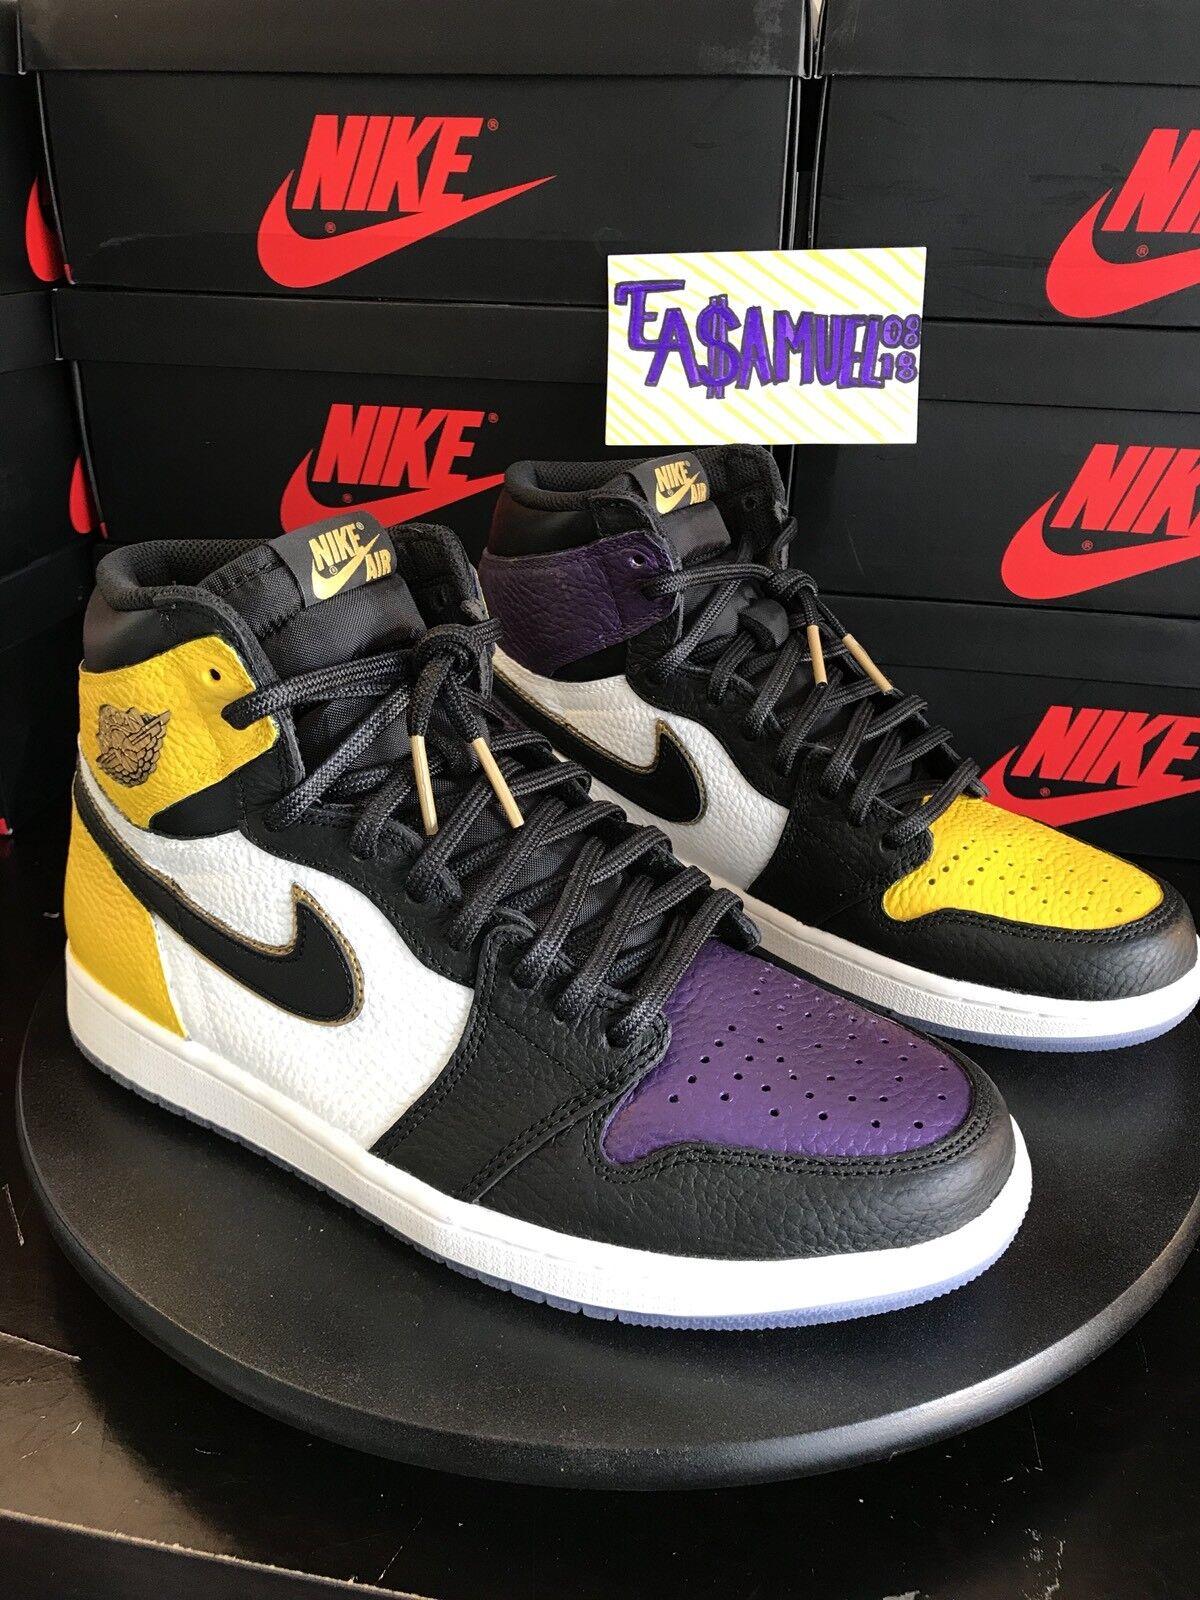 on sale 0651d 74486 Di nuovo!nike lebron basket soldato ix sonodiventate scarpe da basket lebron  749490-303 Uomo 8 48e046